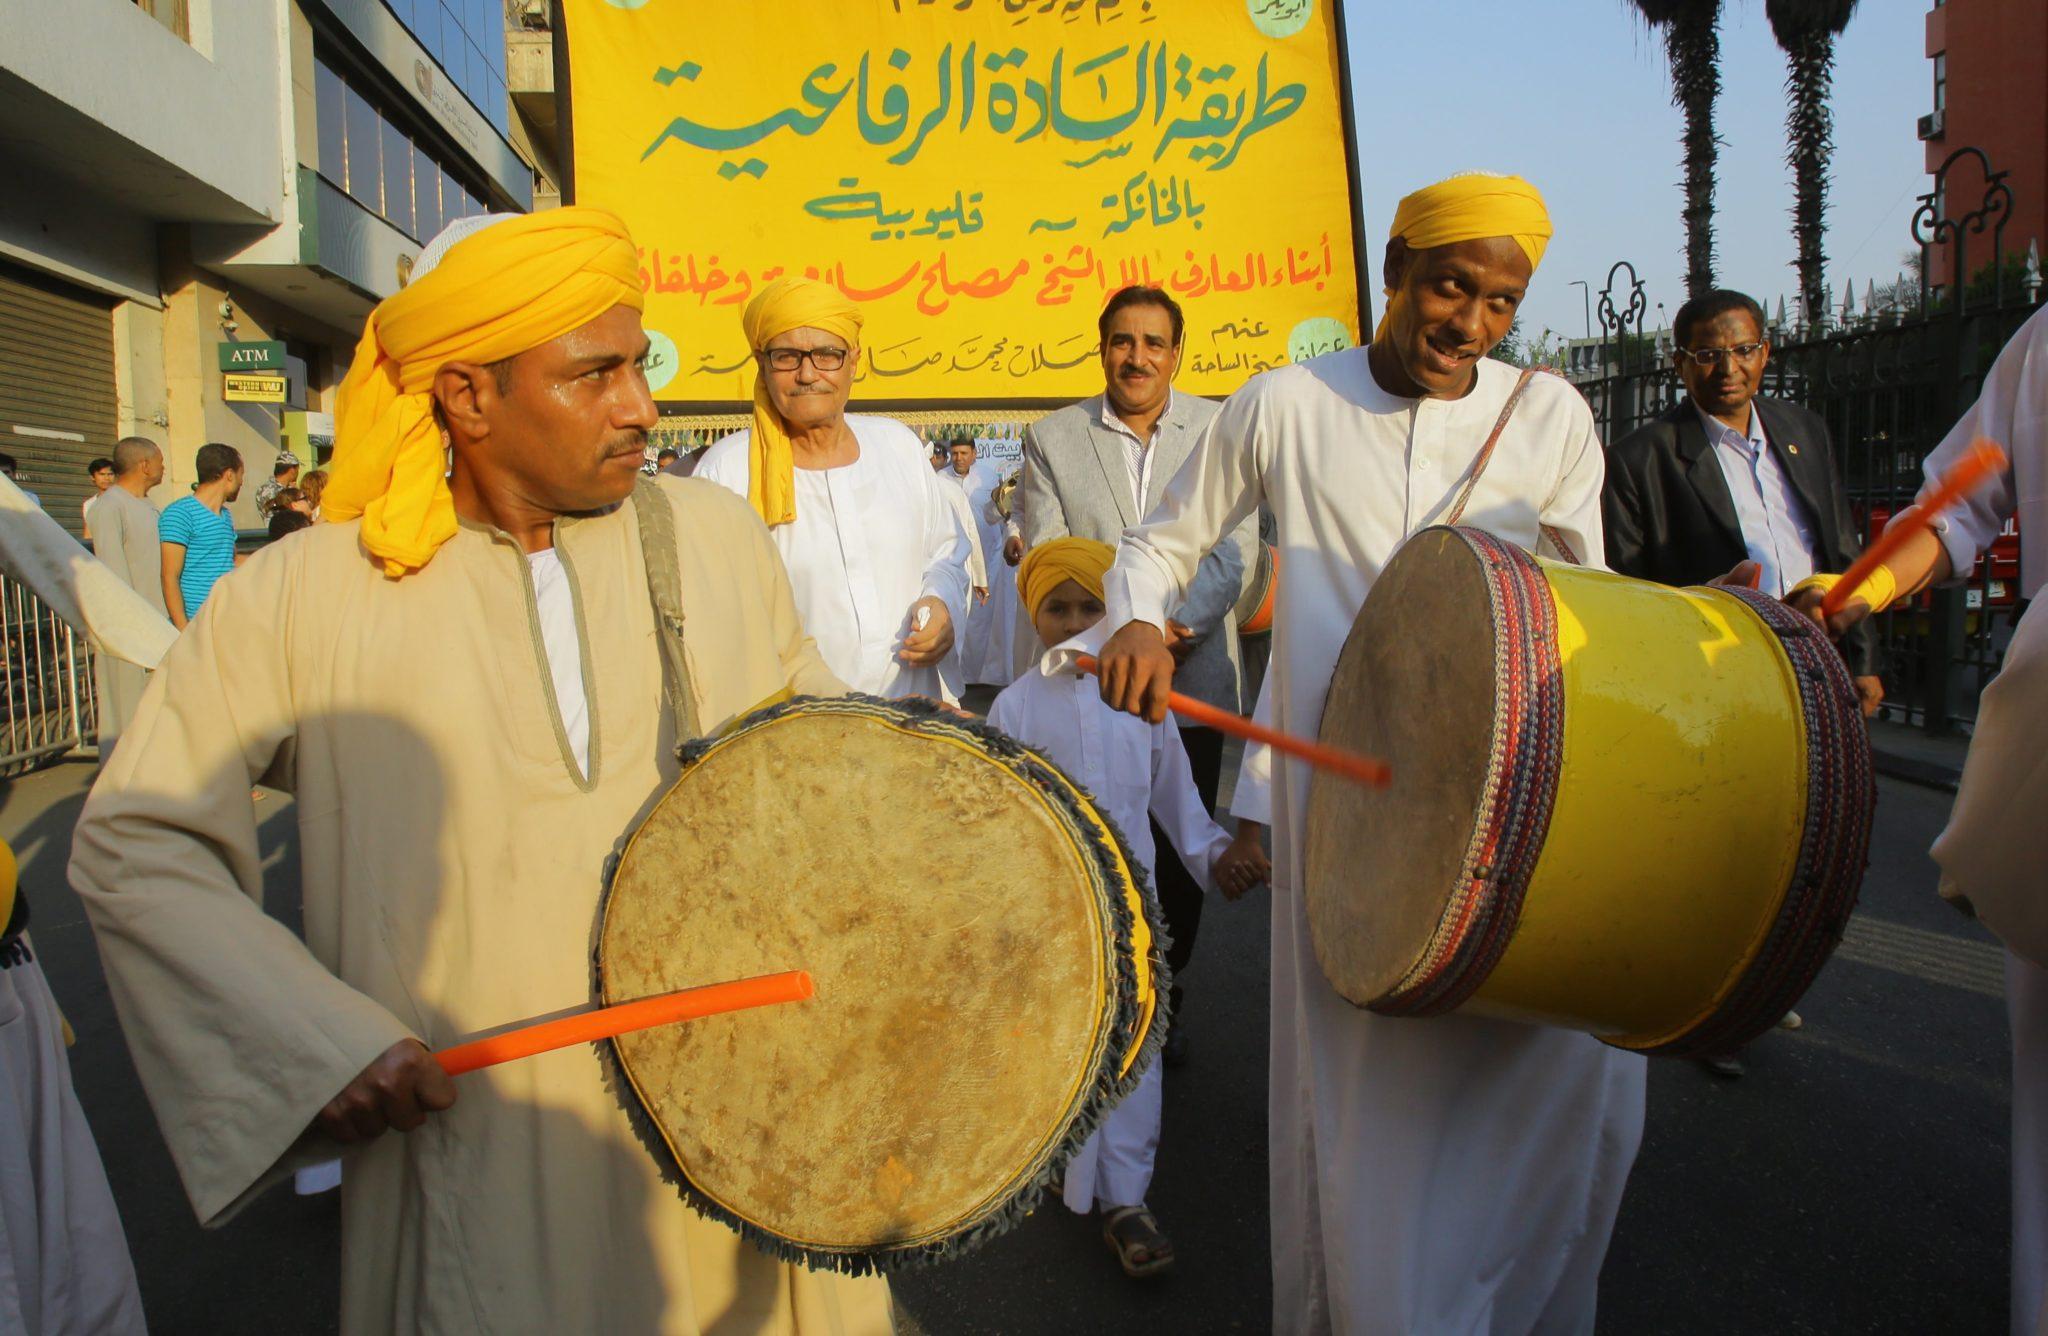 Egipt, Kair: muzułmanie śpiewają podczas procesji rozpoczynającą Nowy Rok Islamski na Al-Azhar Street. 11 września muzułmanie na całym świecie zaznaczają nowy rok 1440 Hidżri według kalendarza islamskiego, który upamiętnia migrację proroka Mahometa z Mekki do Medyny, fot. Khaled Elfiqi, PAP/EPA